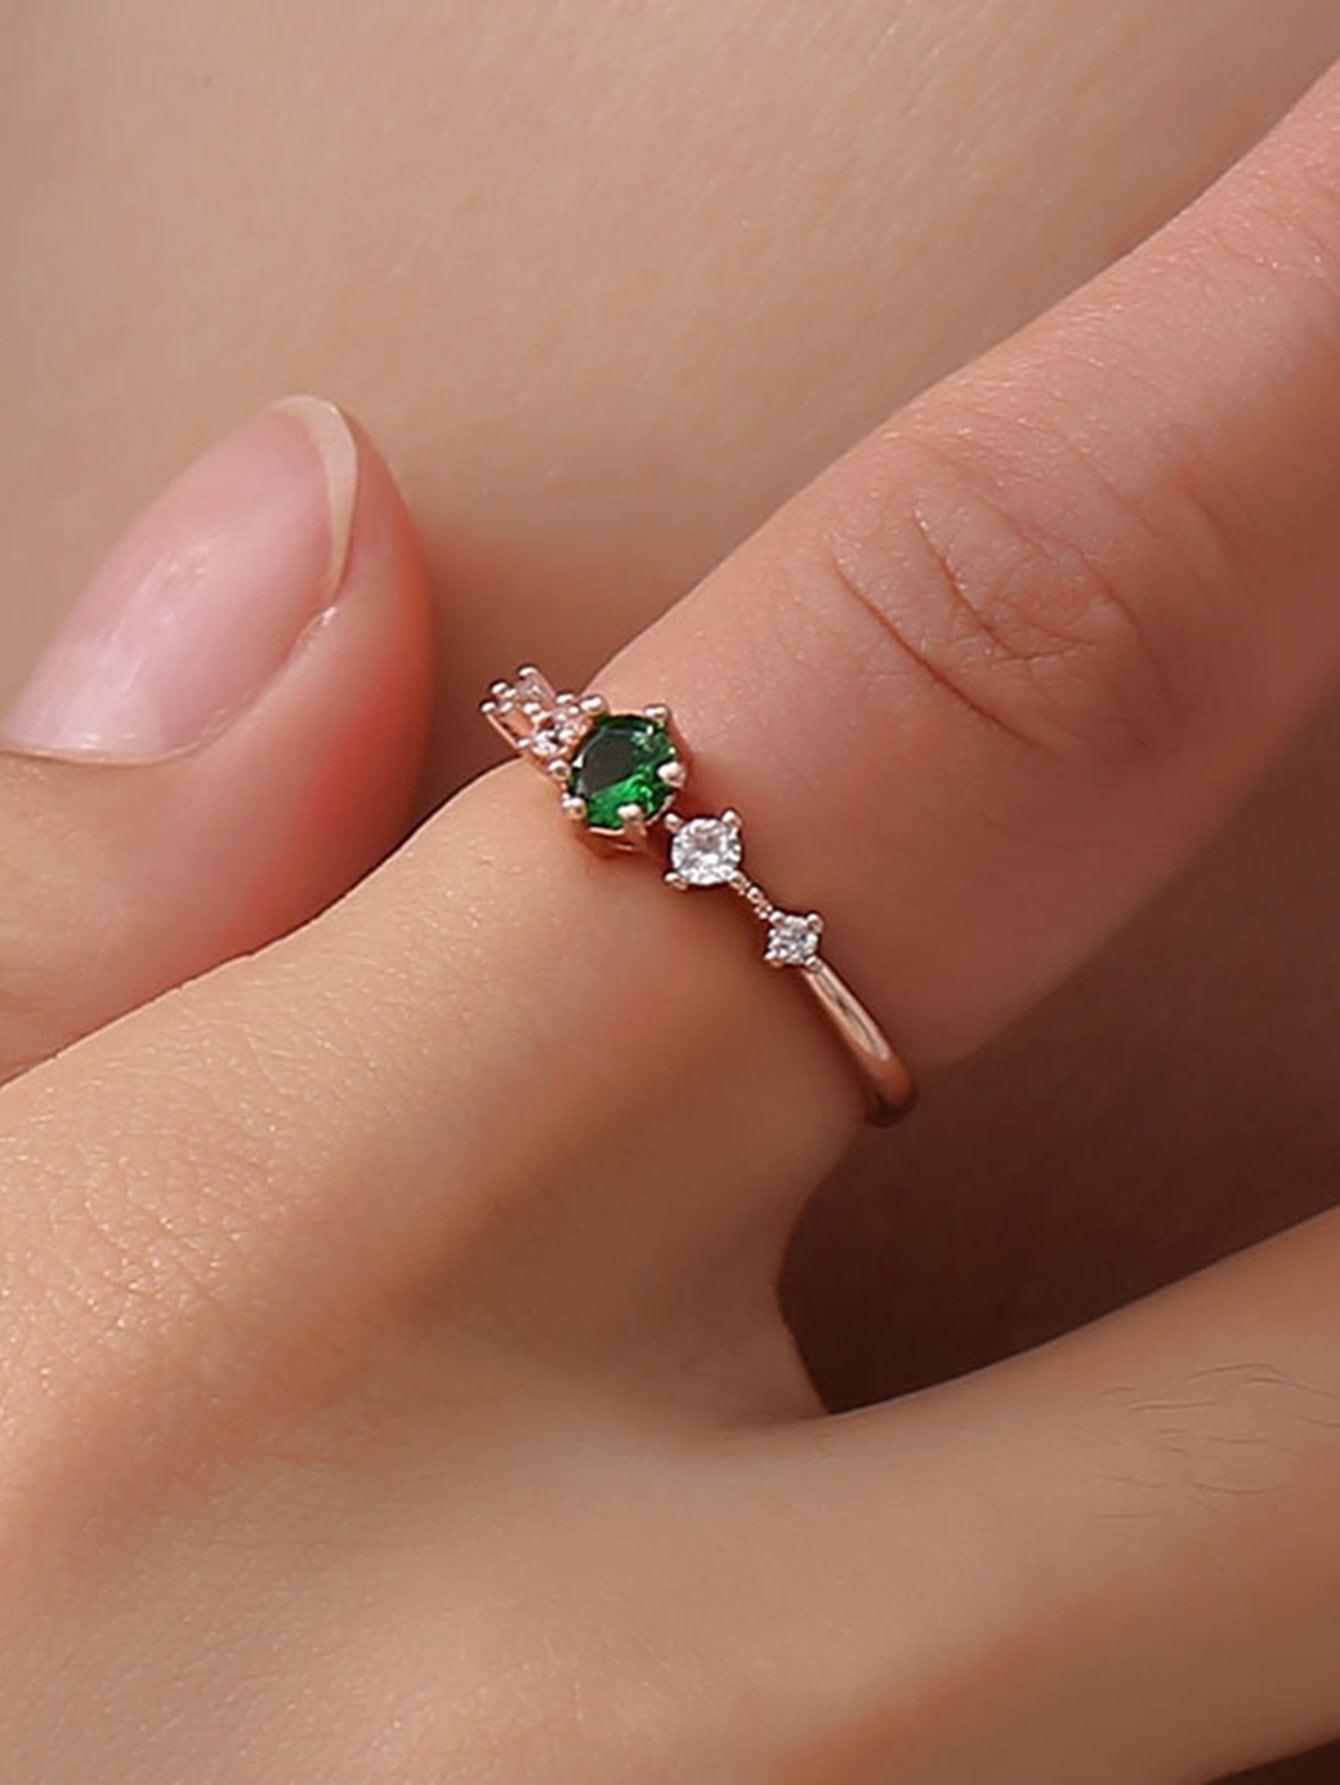 Gemstone Engraved Ring 1pc